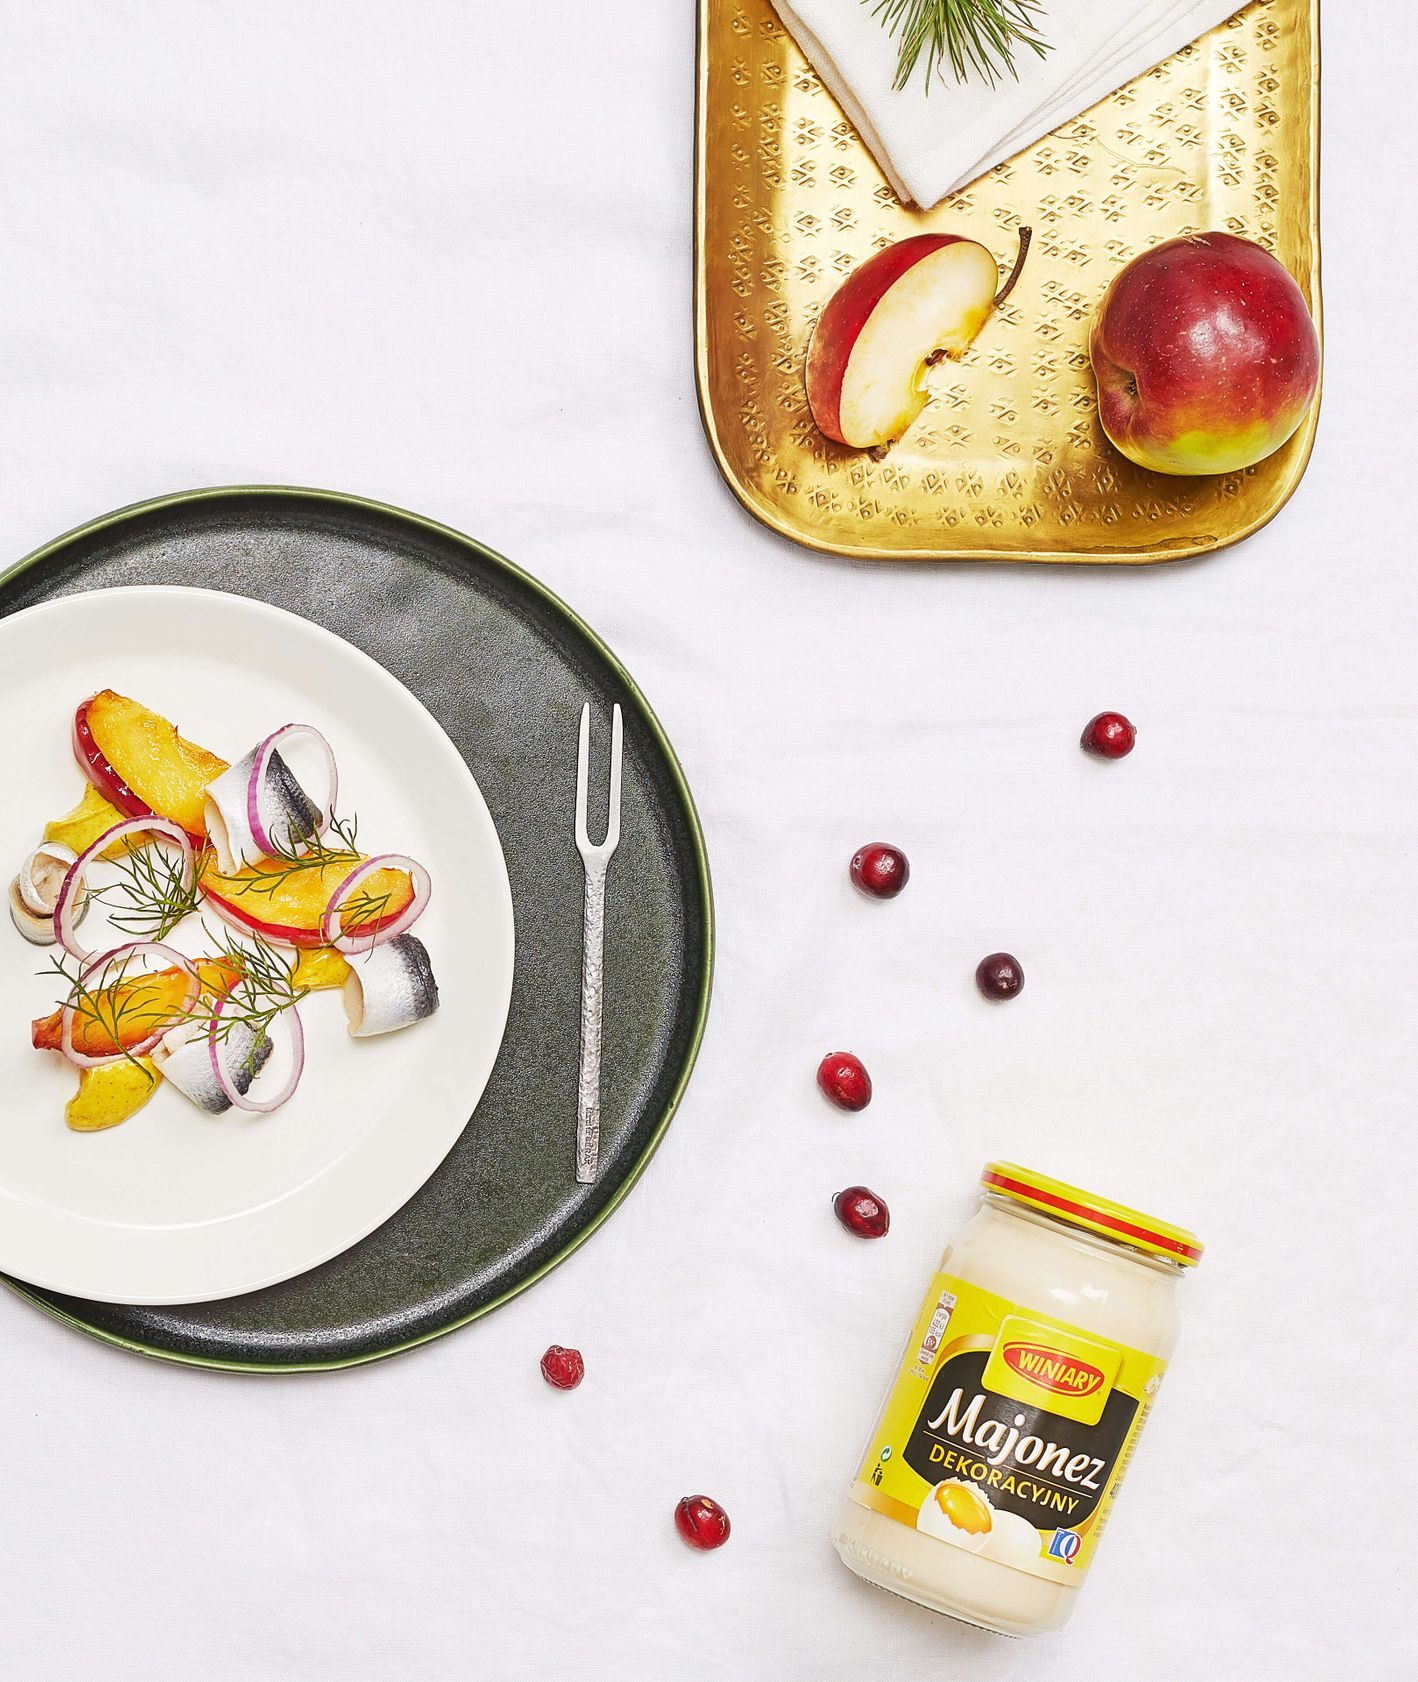 Śledź z korzennym majonezem, karmelizowanym jabłkiem, koperkiem i cebulą, Winiary, przepis Tomek Zielke